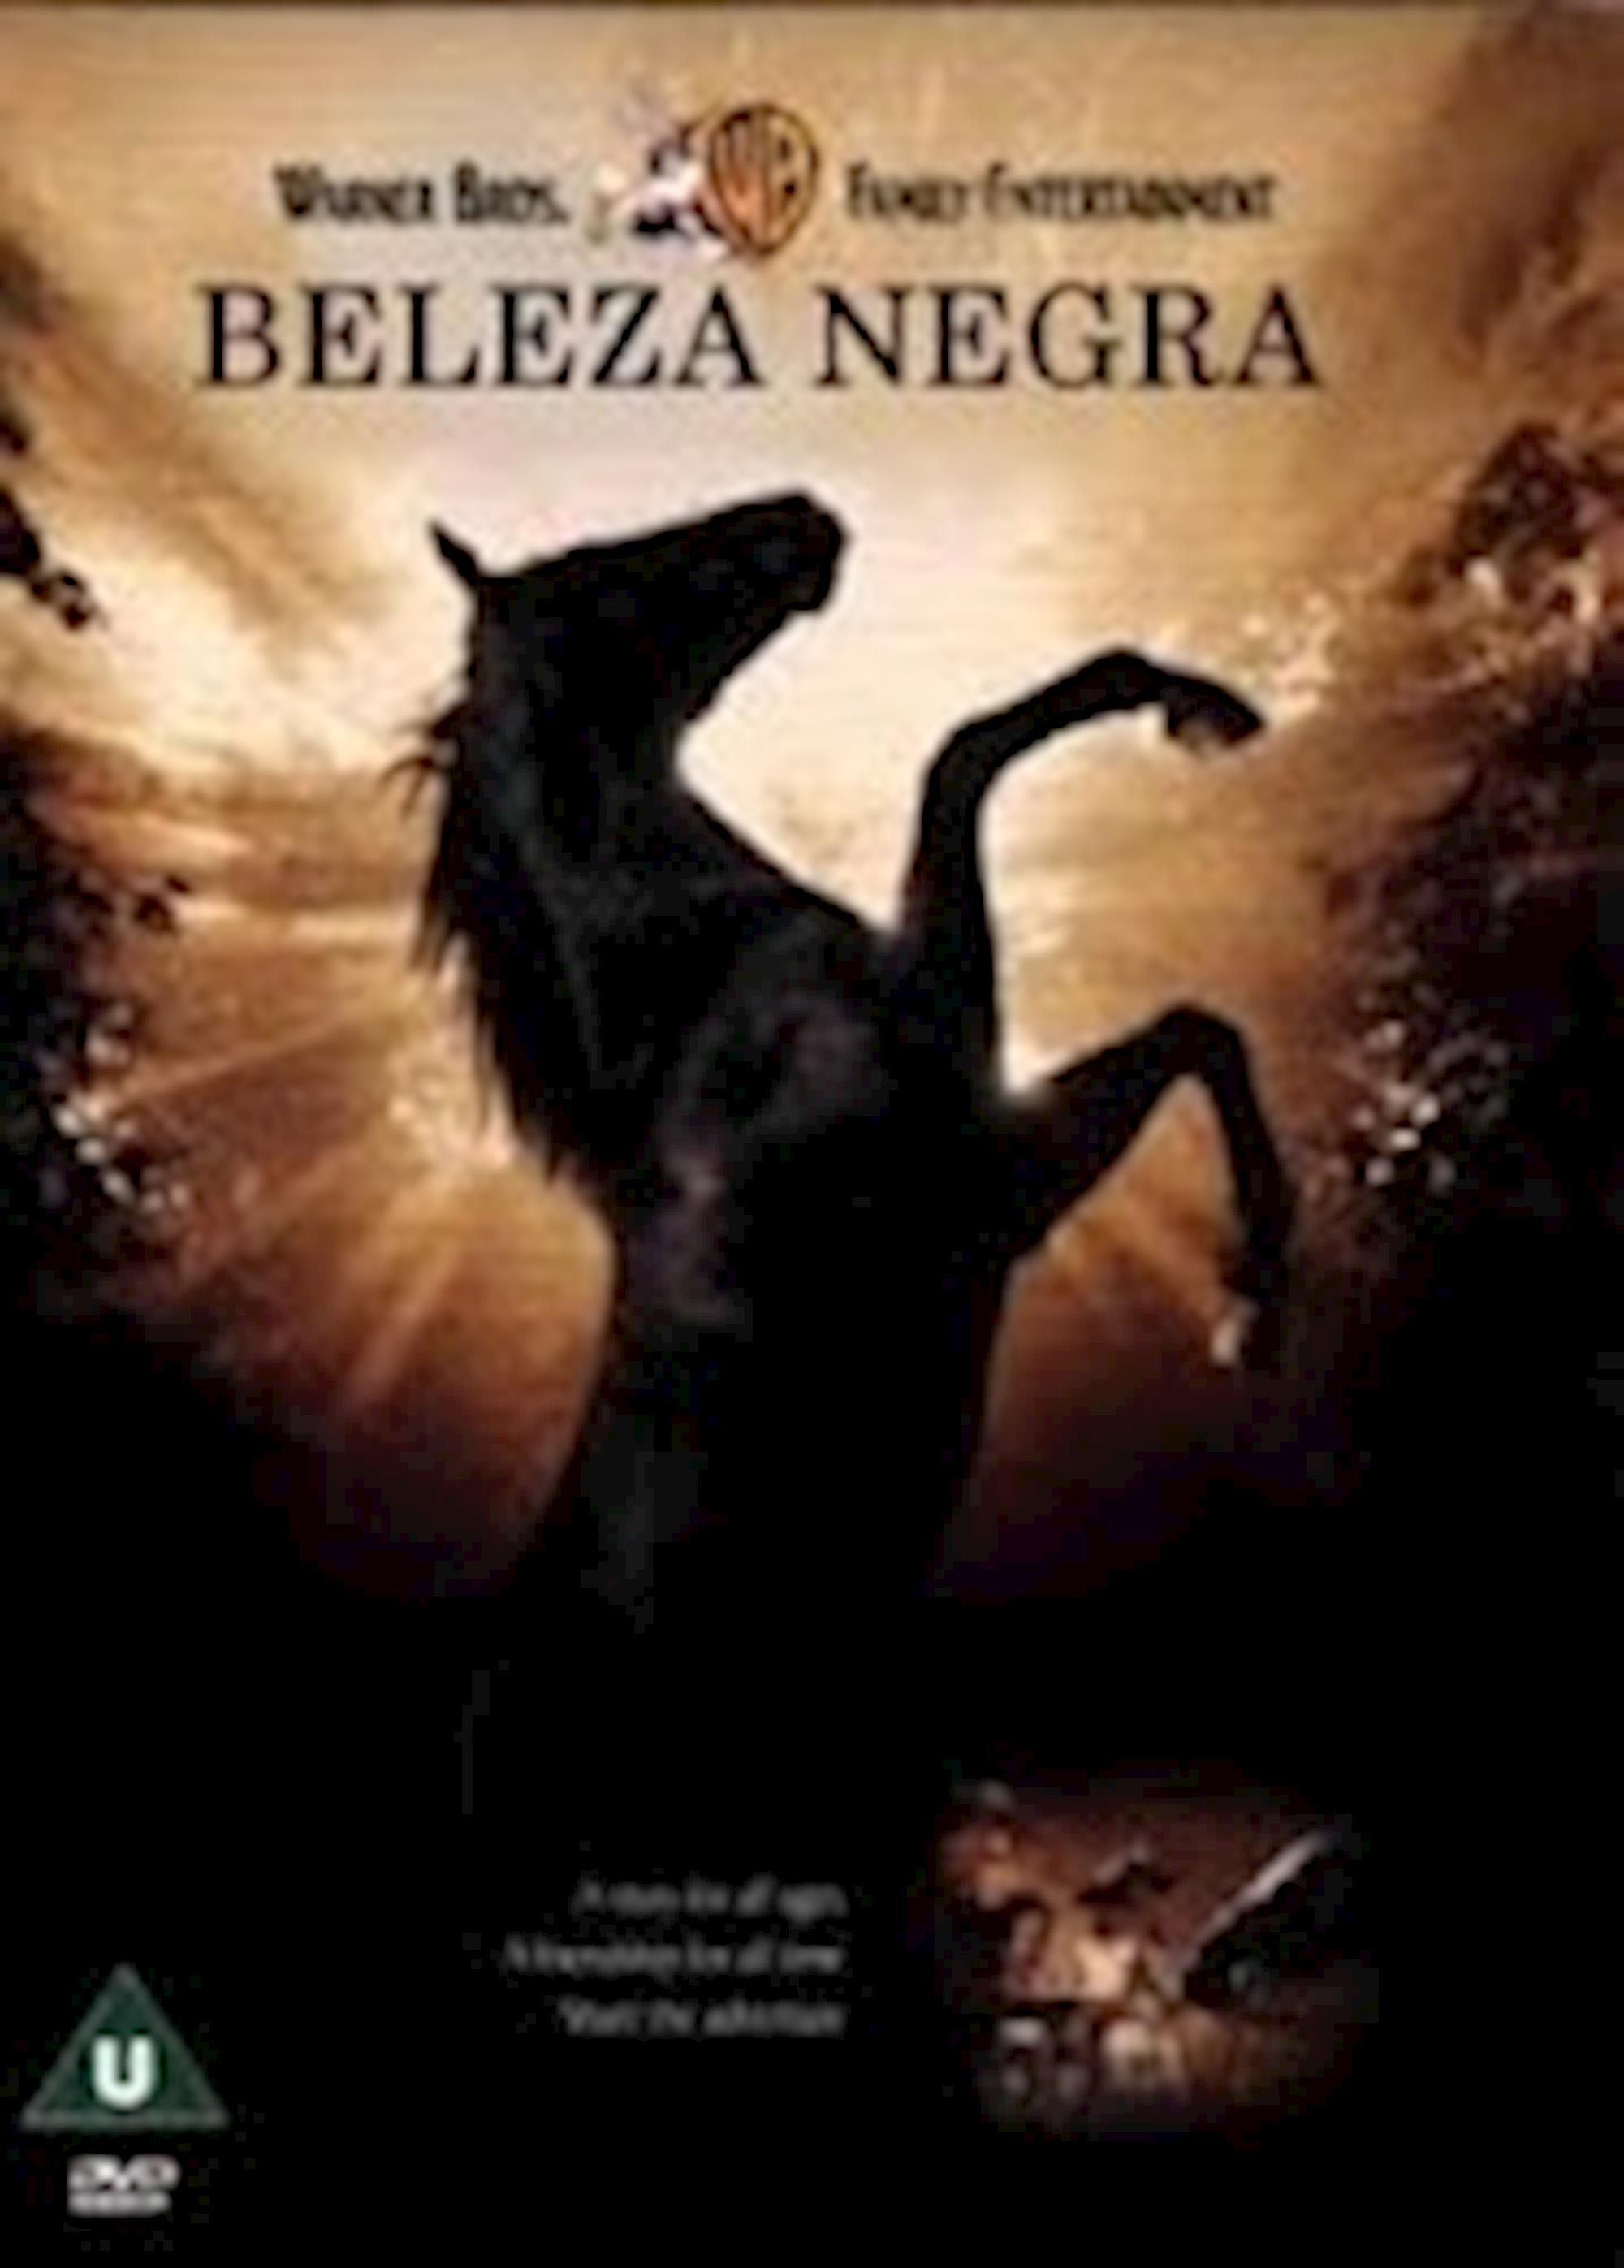 filmes de cavalos,dicas de filmes, Beleza Negra,